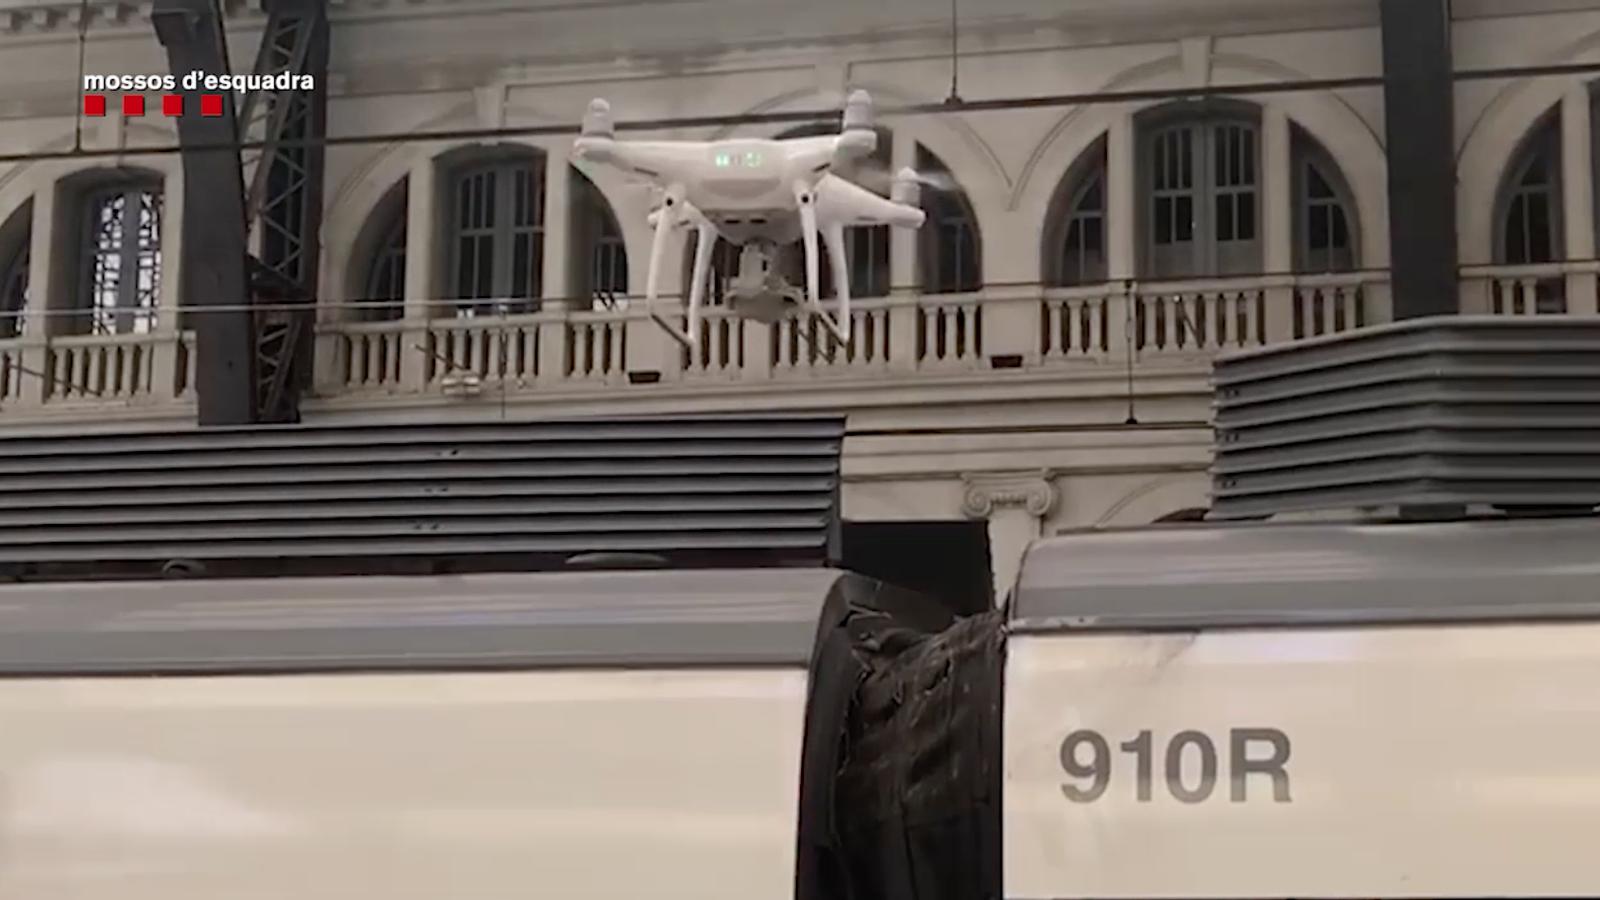 Els Mossos investiguen amb un dron l'accident d'un tren a l'estació de França